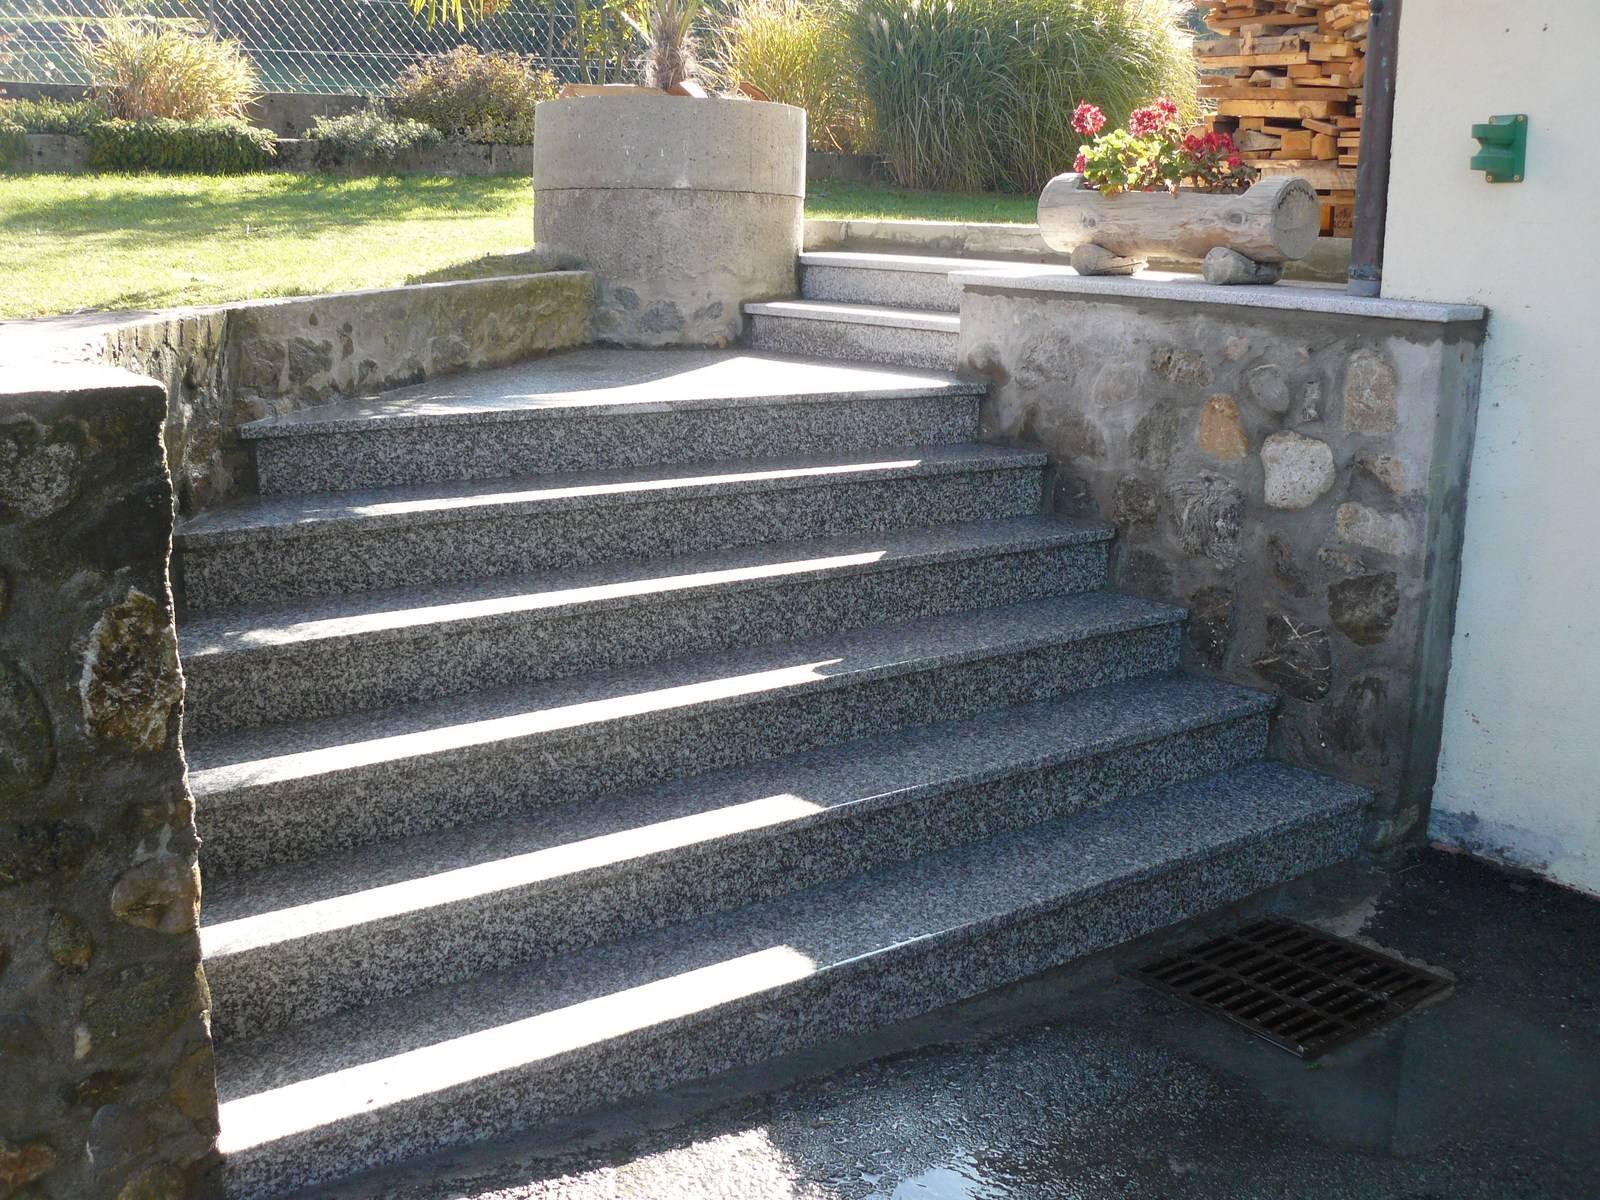 Escalier Exterieur En Granit A Thonon Marbrerie Calderara Thonon